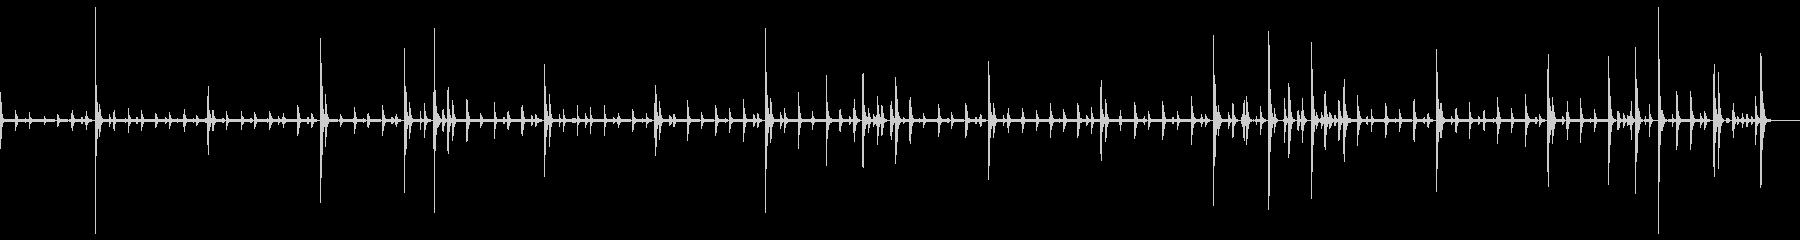 ドラム:ジャズリズム:スネアのブラシの未再生の波形